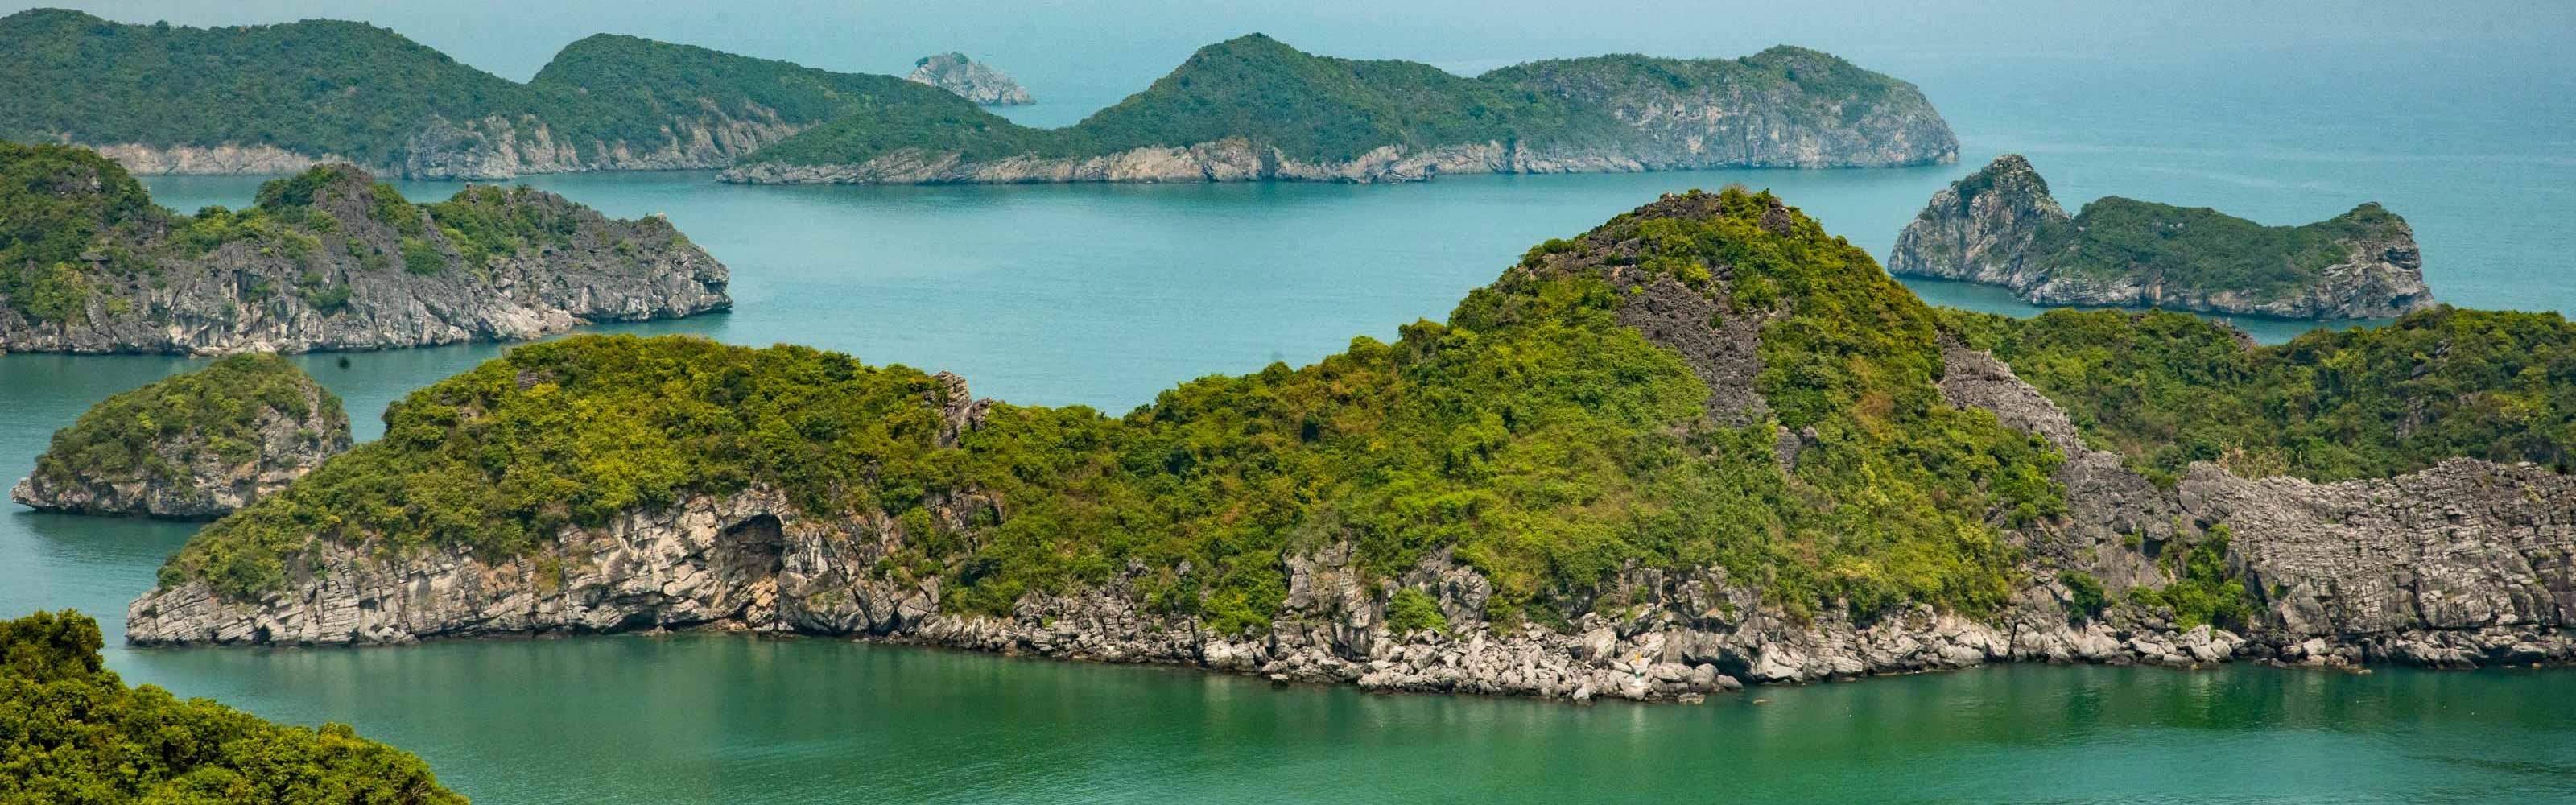 Viaggio in Vietnam: guida completa all'organizzazione